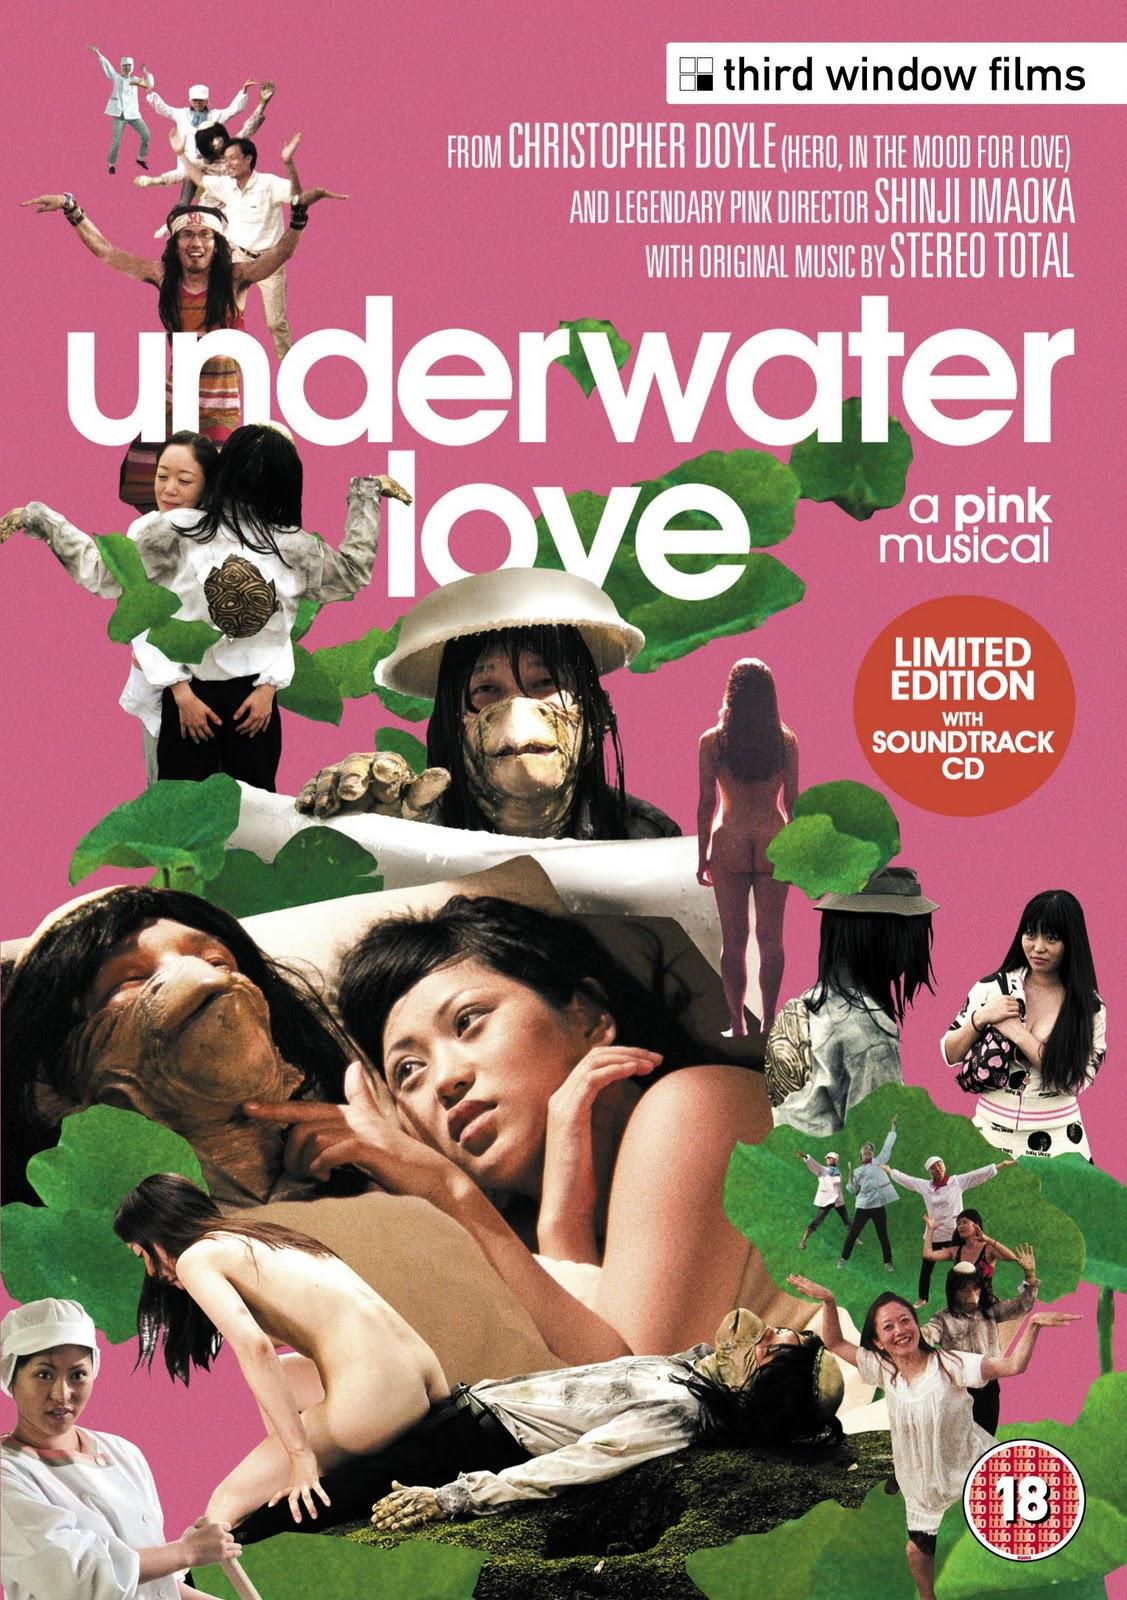 http://2.bp.blogspot.com/-u9wRPz8eK9o/ToXNU7z6t3I/AAAAAAAACI4/dcNCs8ZRs-A/s1600/Underwater+Love+-+Qp2zV+-+Imgur.jpg